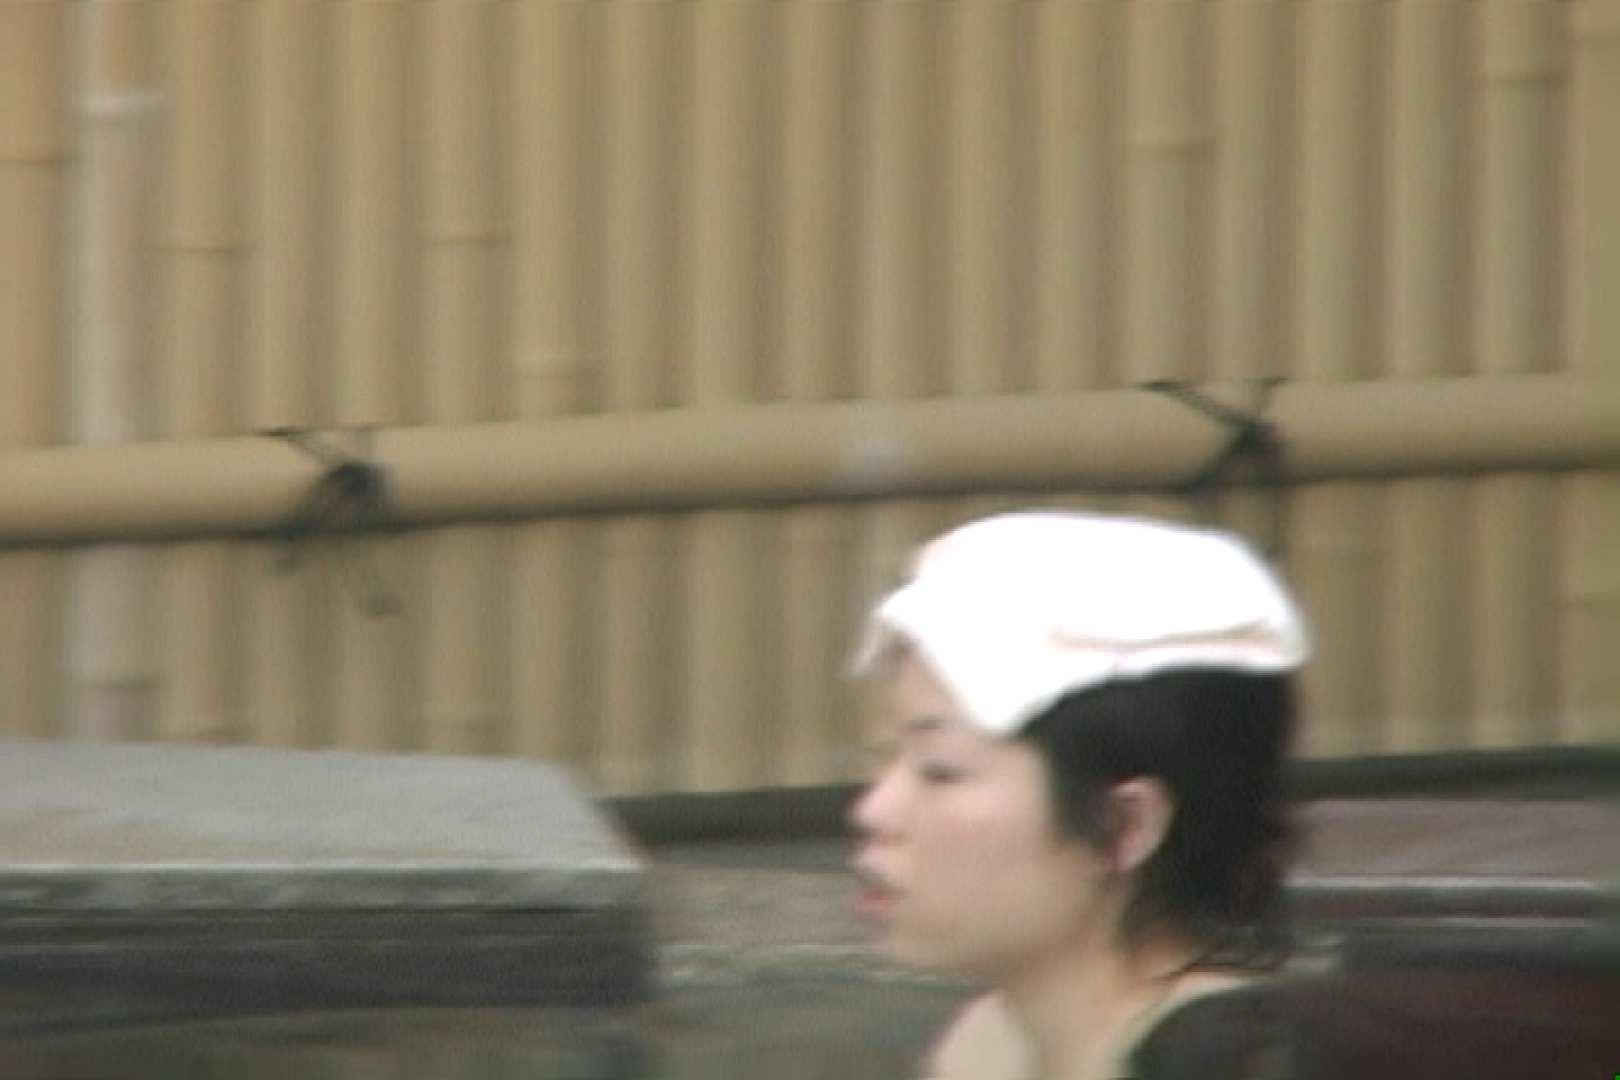 高画質露天女風呂観察 vol.009 OLエロ画像 盗み撮りSEX無修正画像 77PICs 44